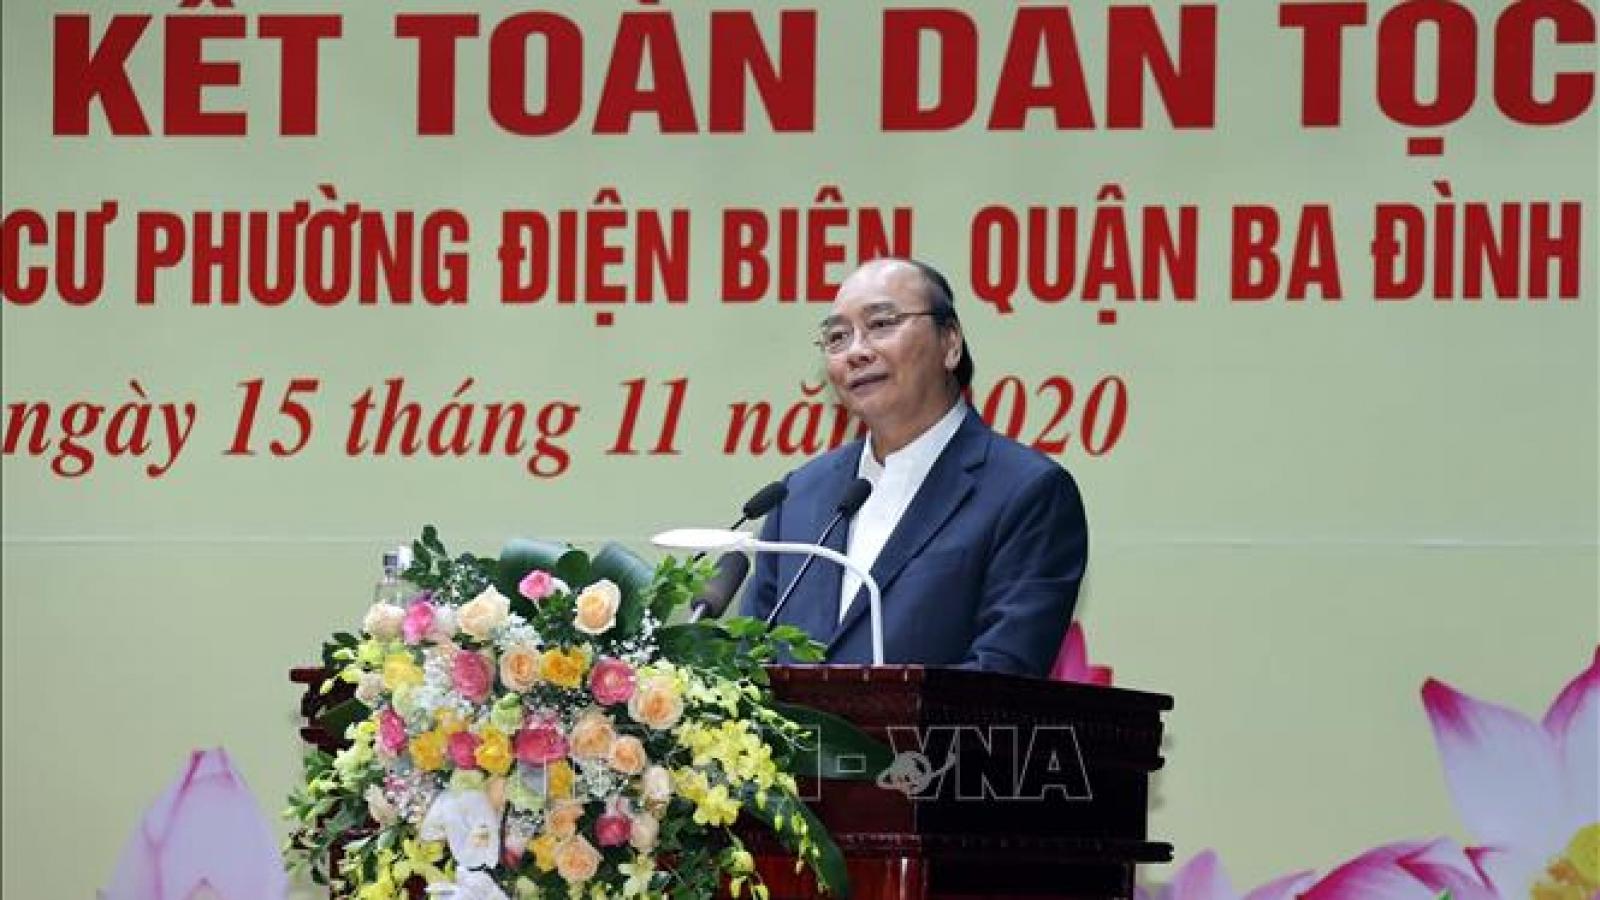 Thủ tướng chung vui cùng bà con phường Điện Biên trong ngày hội Đại đoàn kết dân tộc